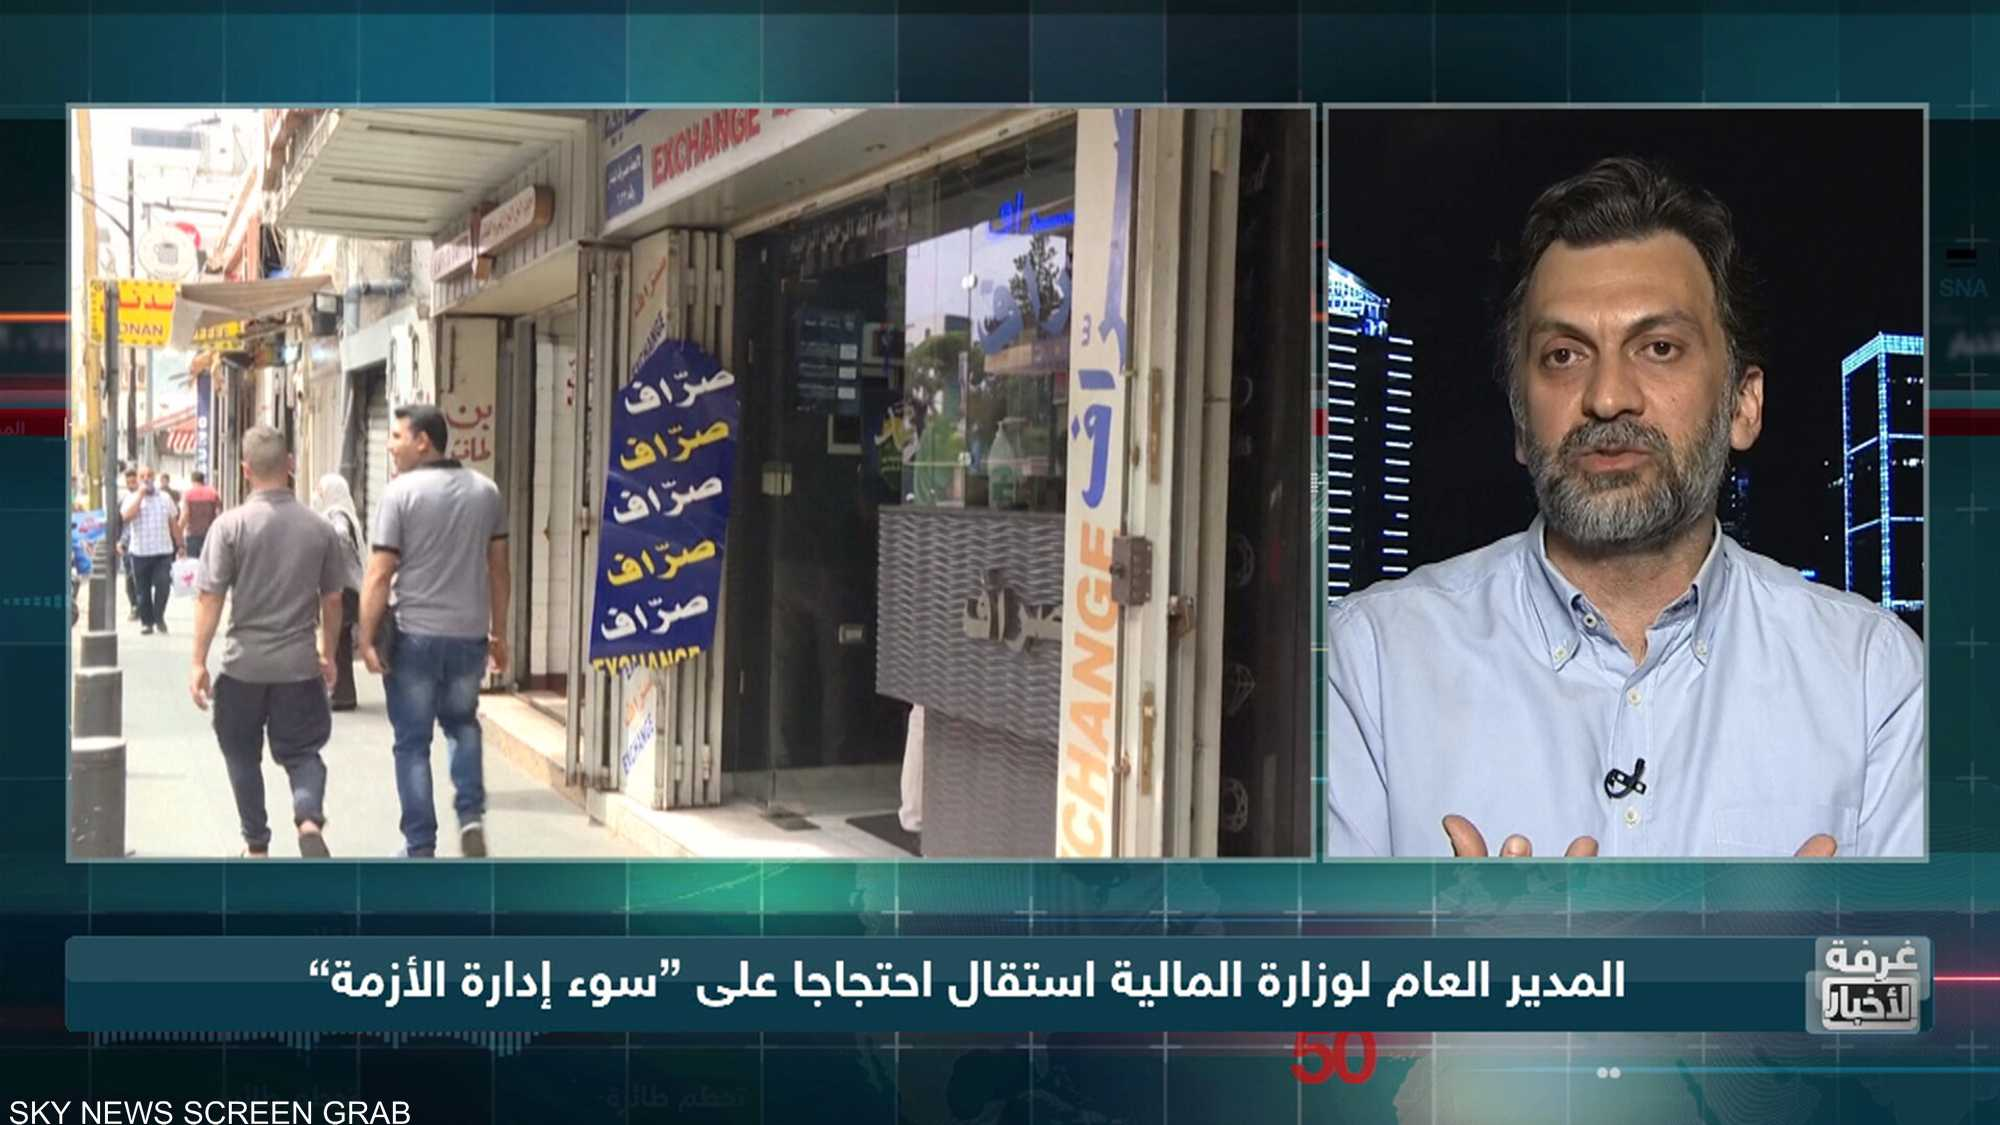 أزمة لبنان.. انهيار اقتصادي وعجز سياسي